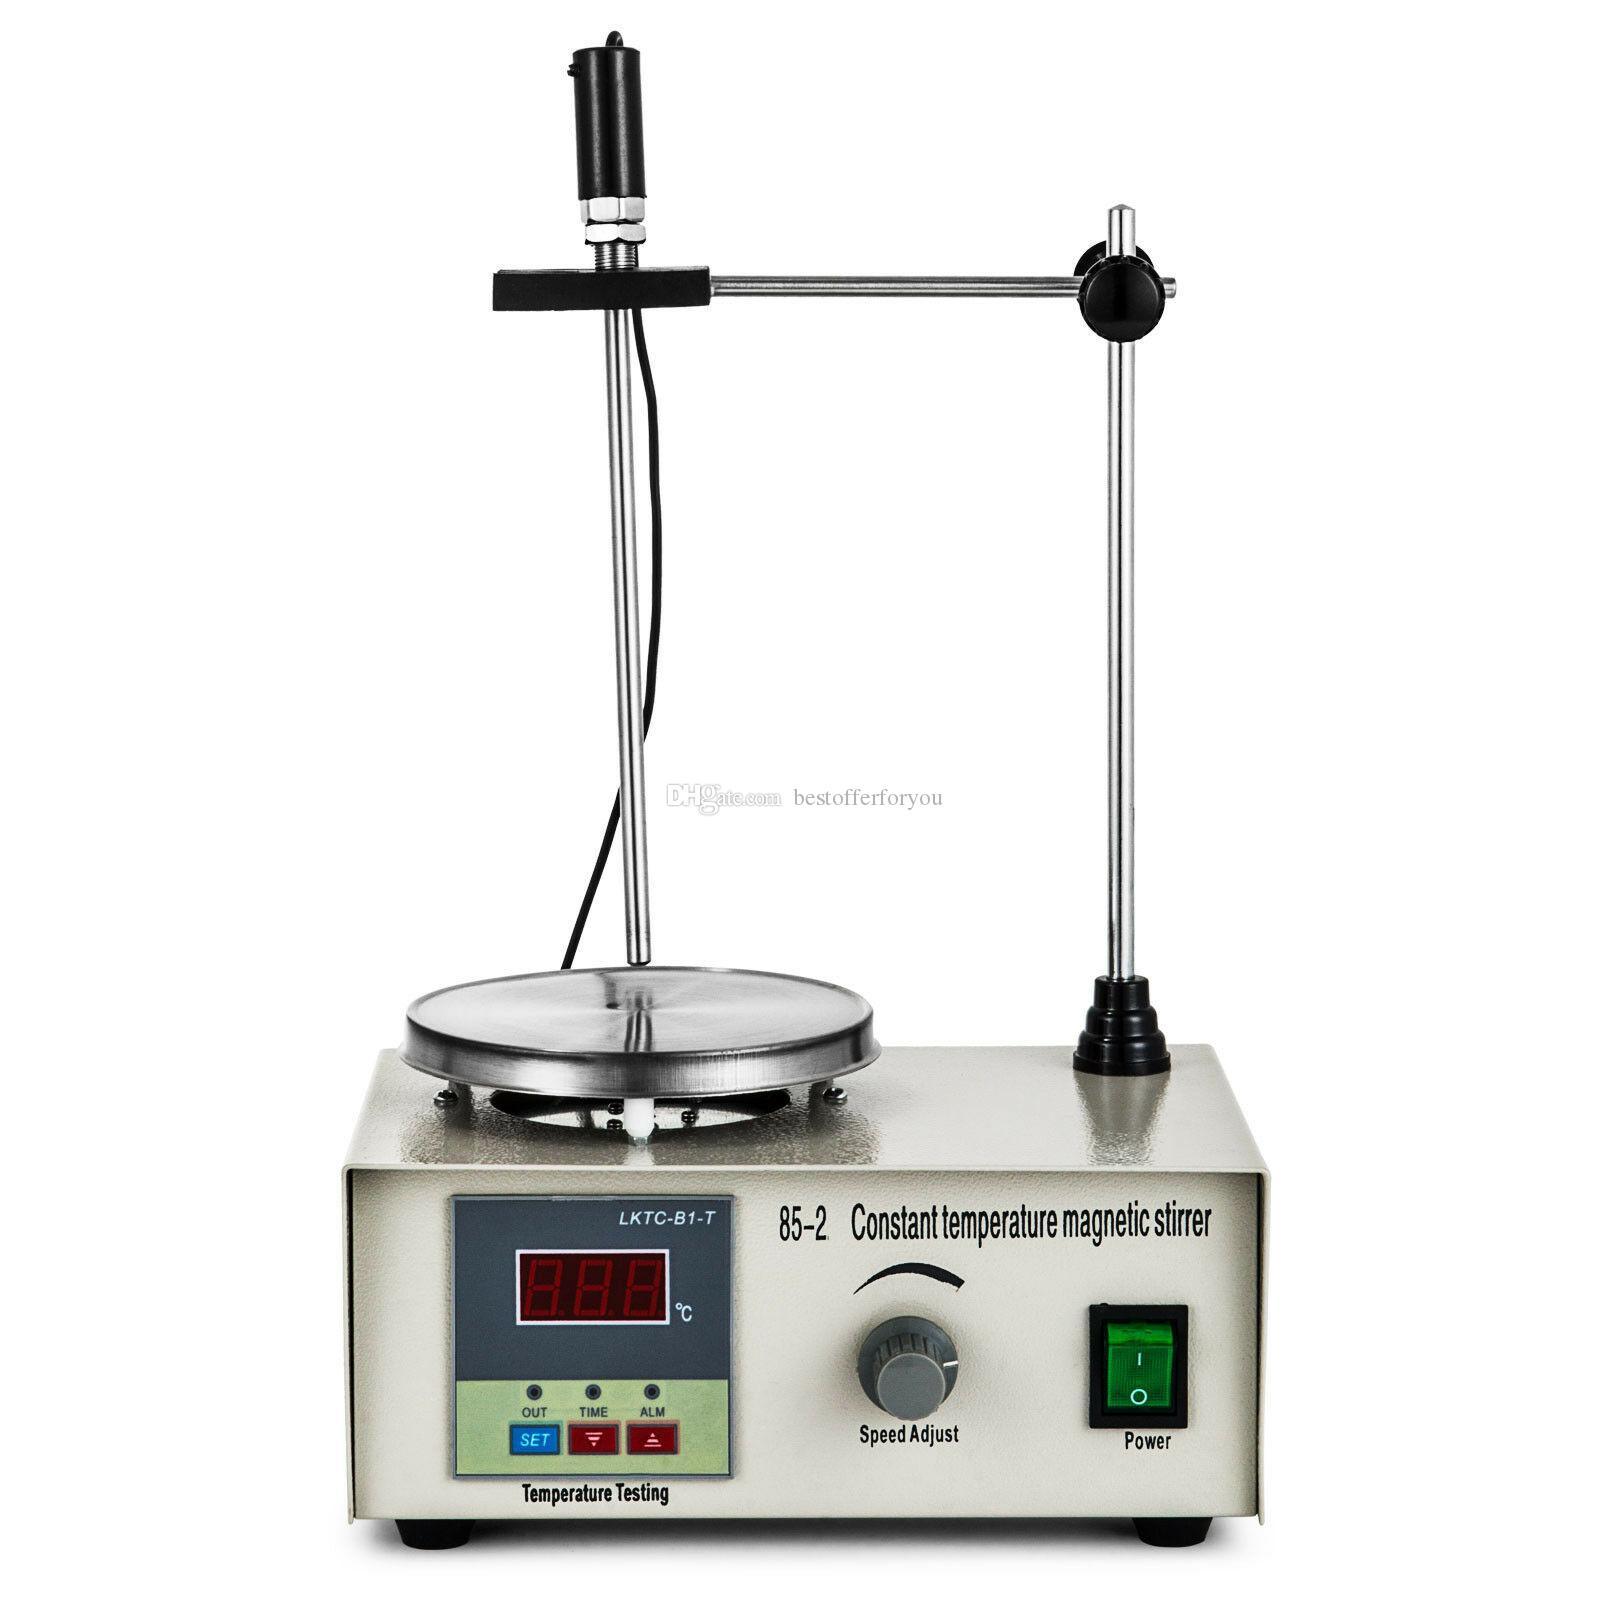 الرقمية موقد كهربائي خلاط كومبو 85-2 النمام المغناطيسي مع التدفئة لوحة